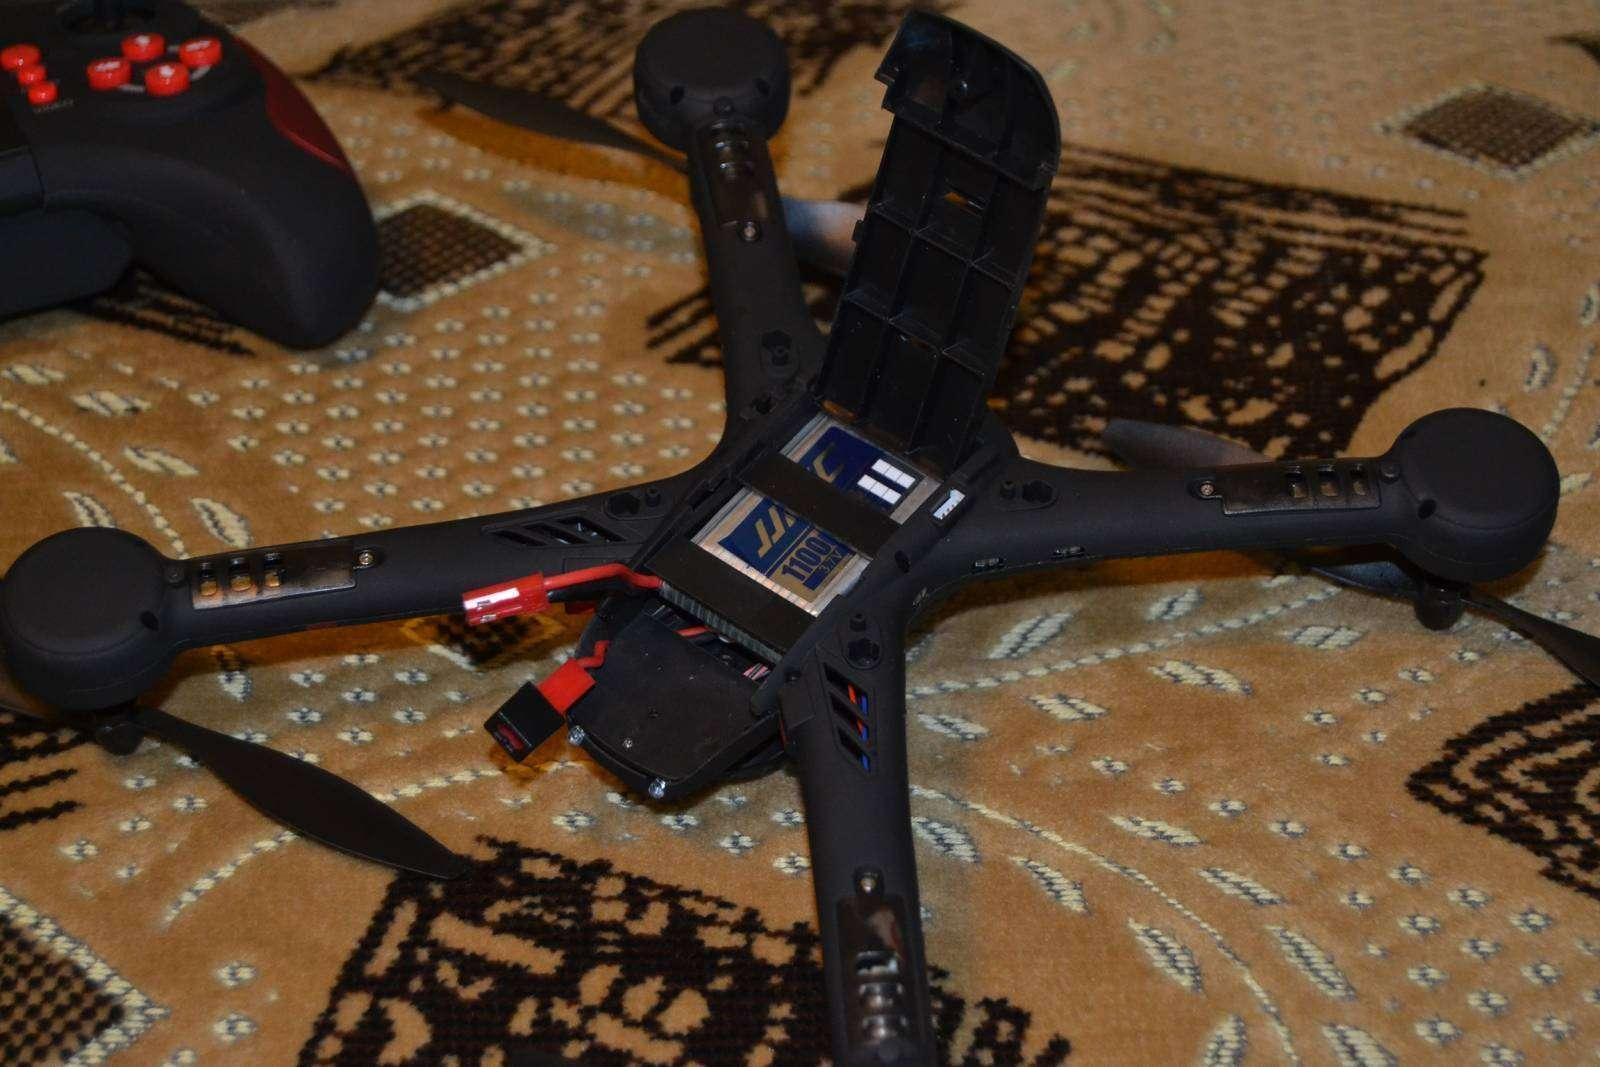 Другие - Китай: Квадрокоптер JJRC H11WH с FPV  - обзор от непрофессионального пользователя